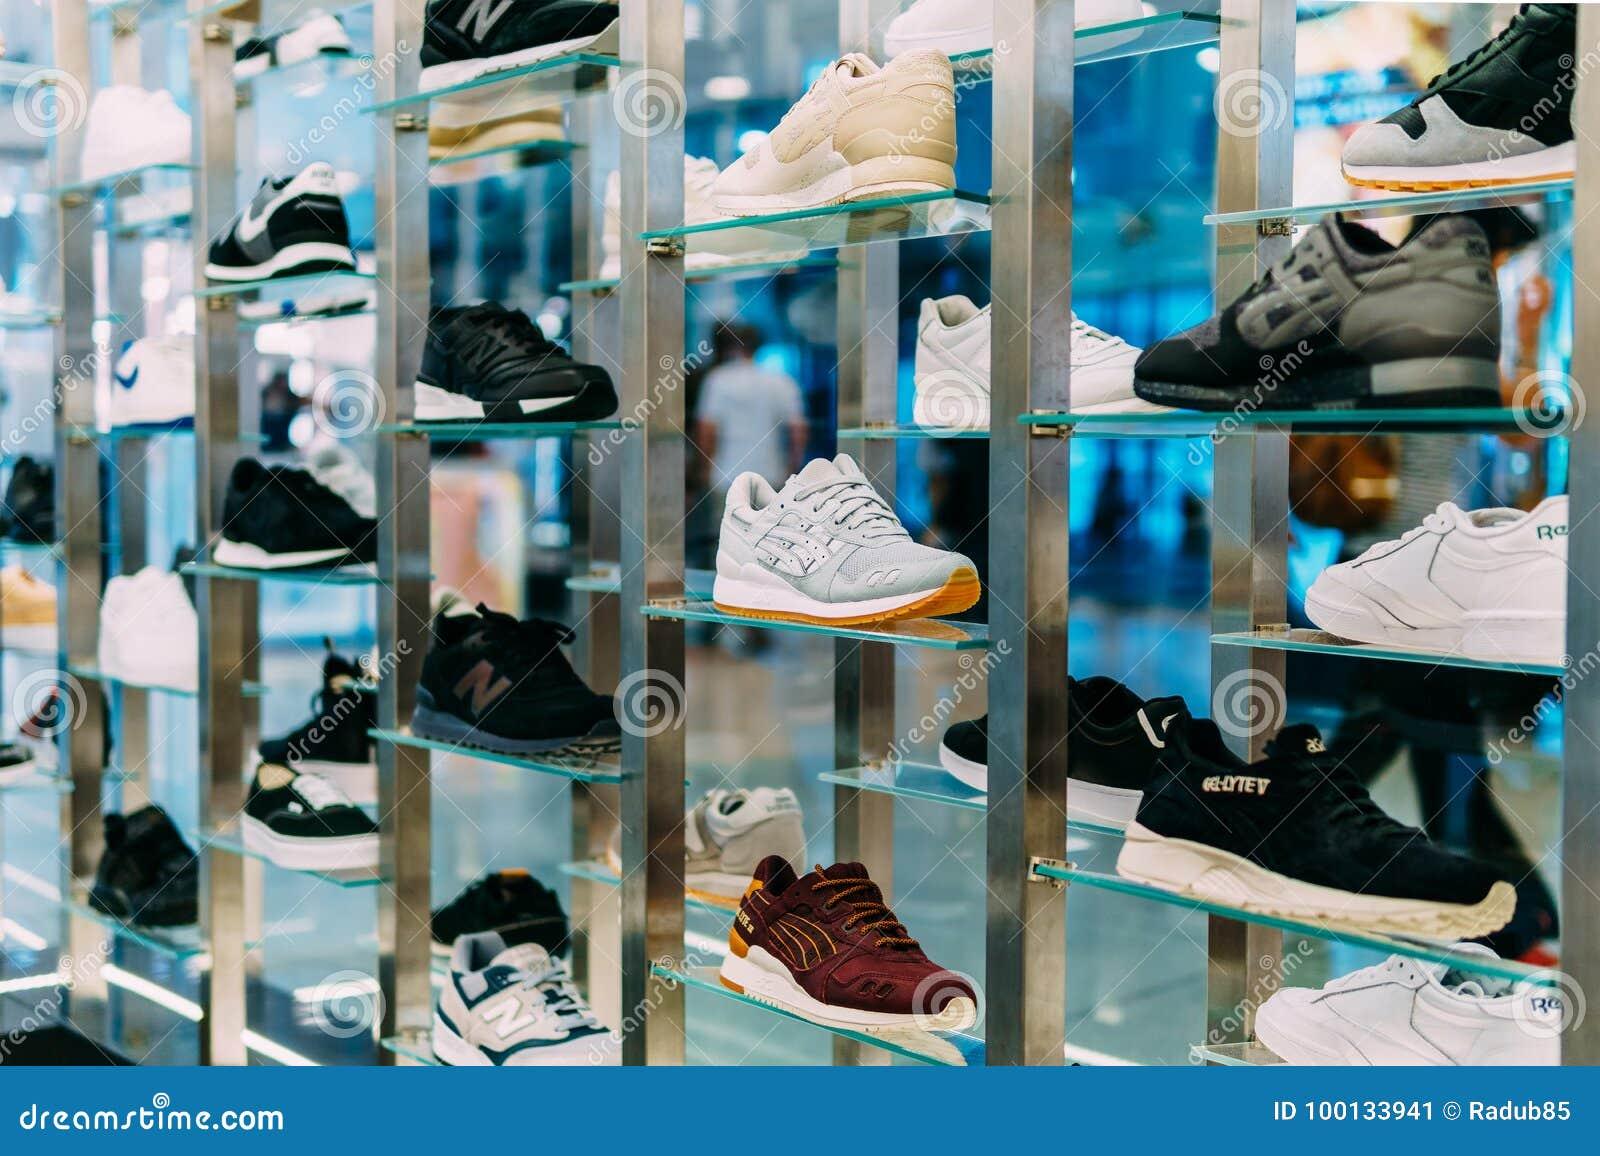 Fashion Shoe Store